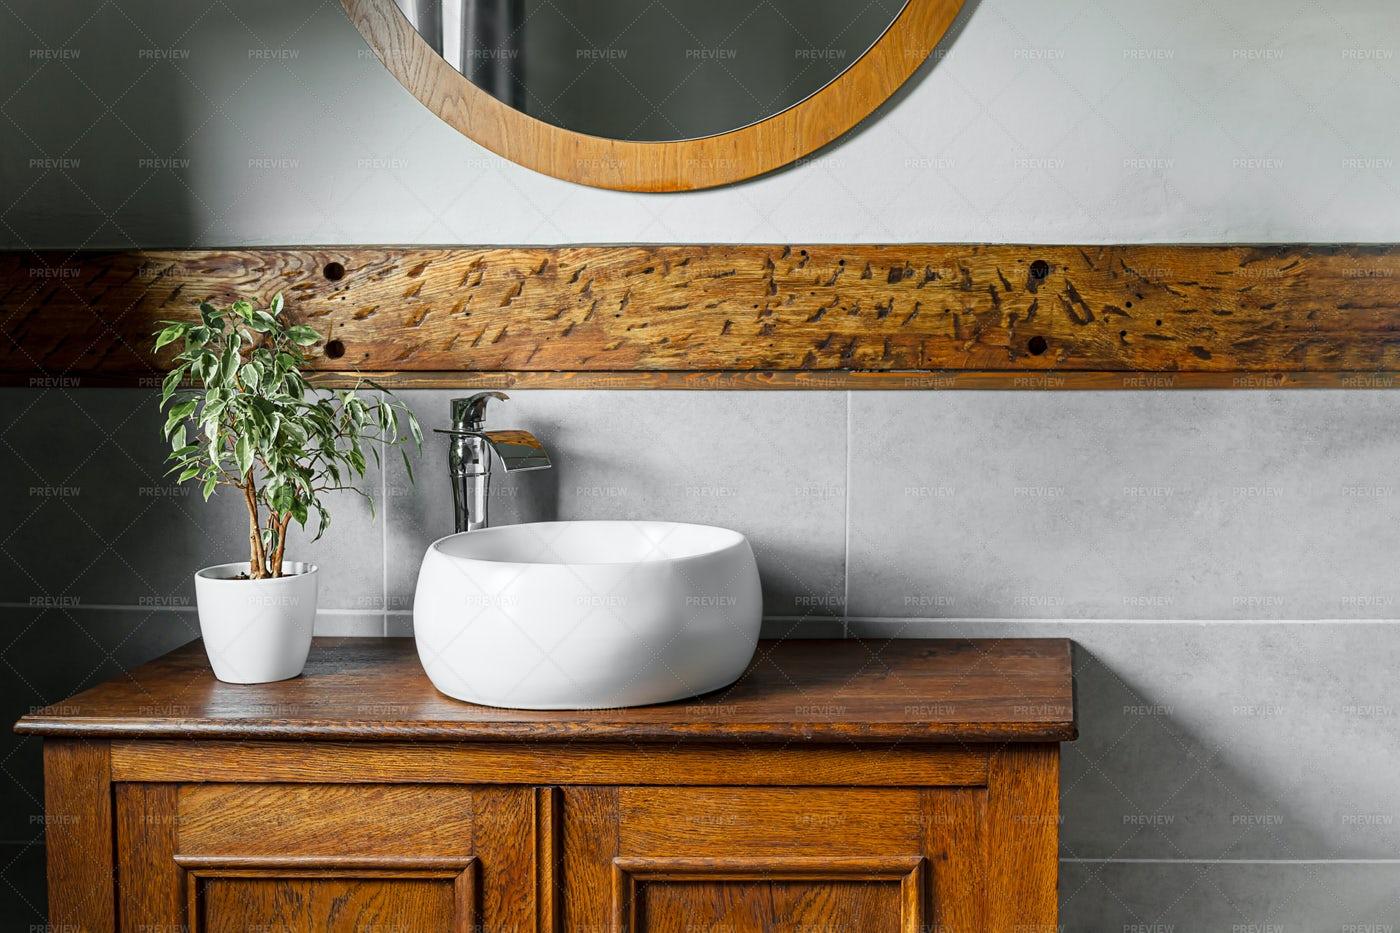 Rustic Bathroom Interior: Stock Photos